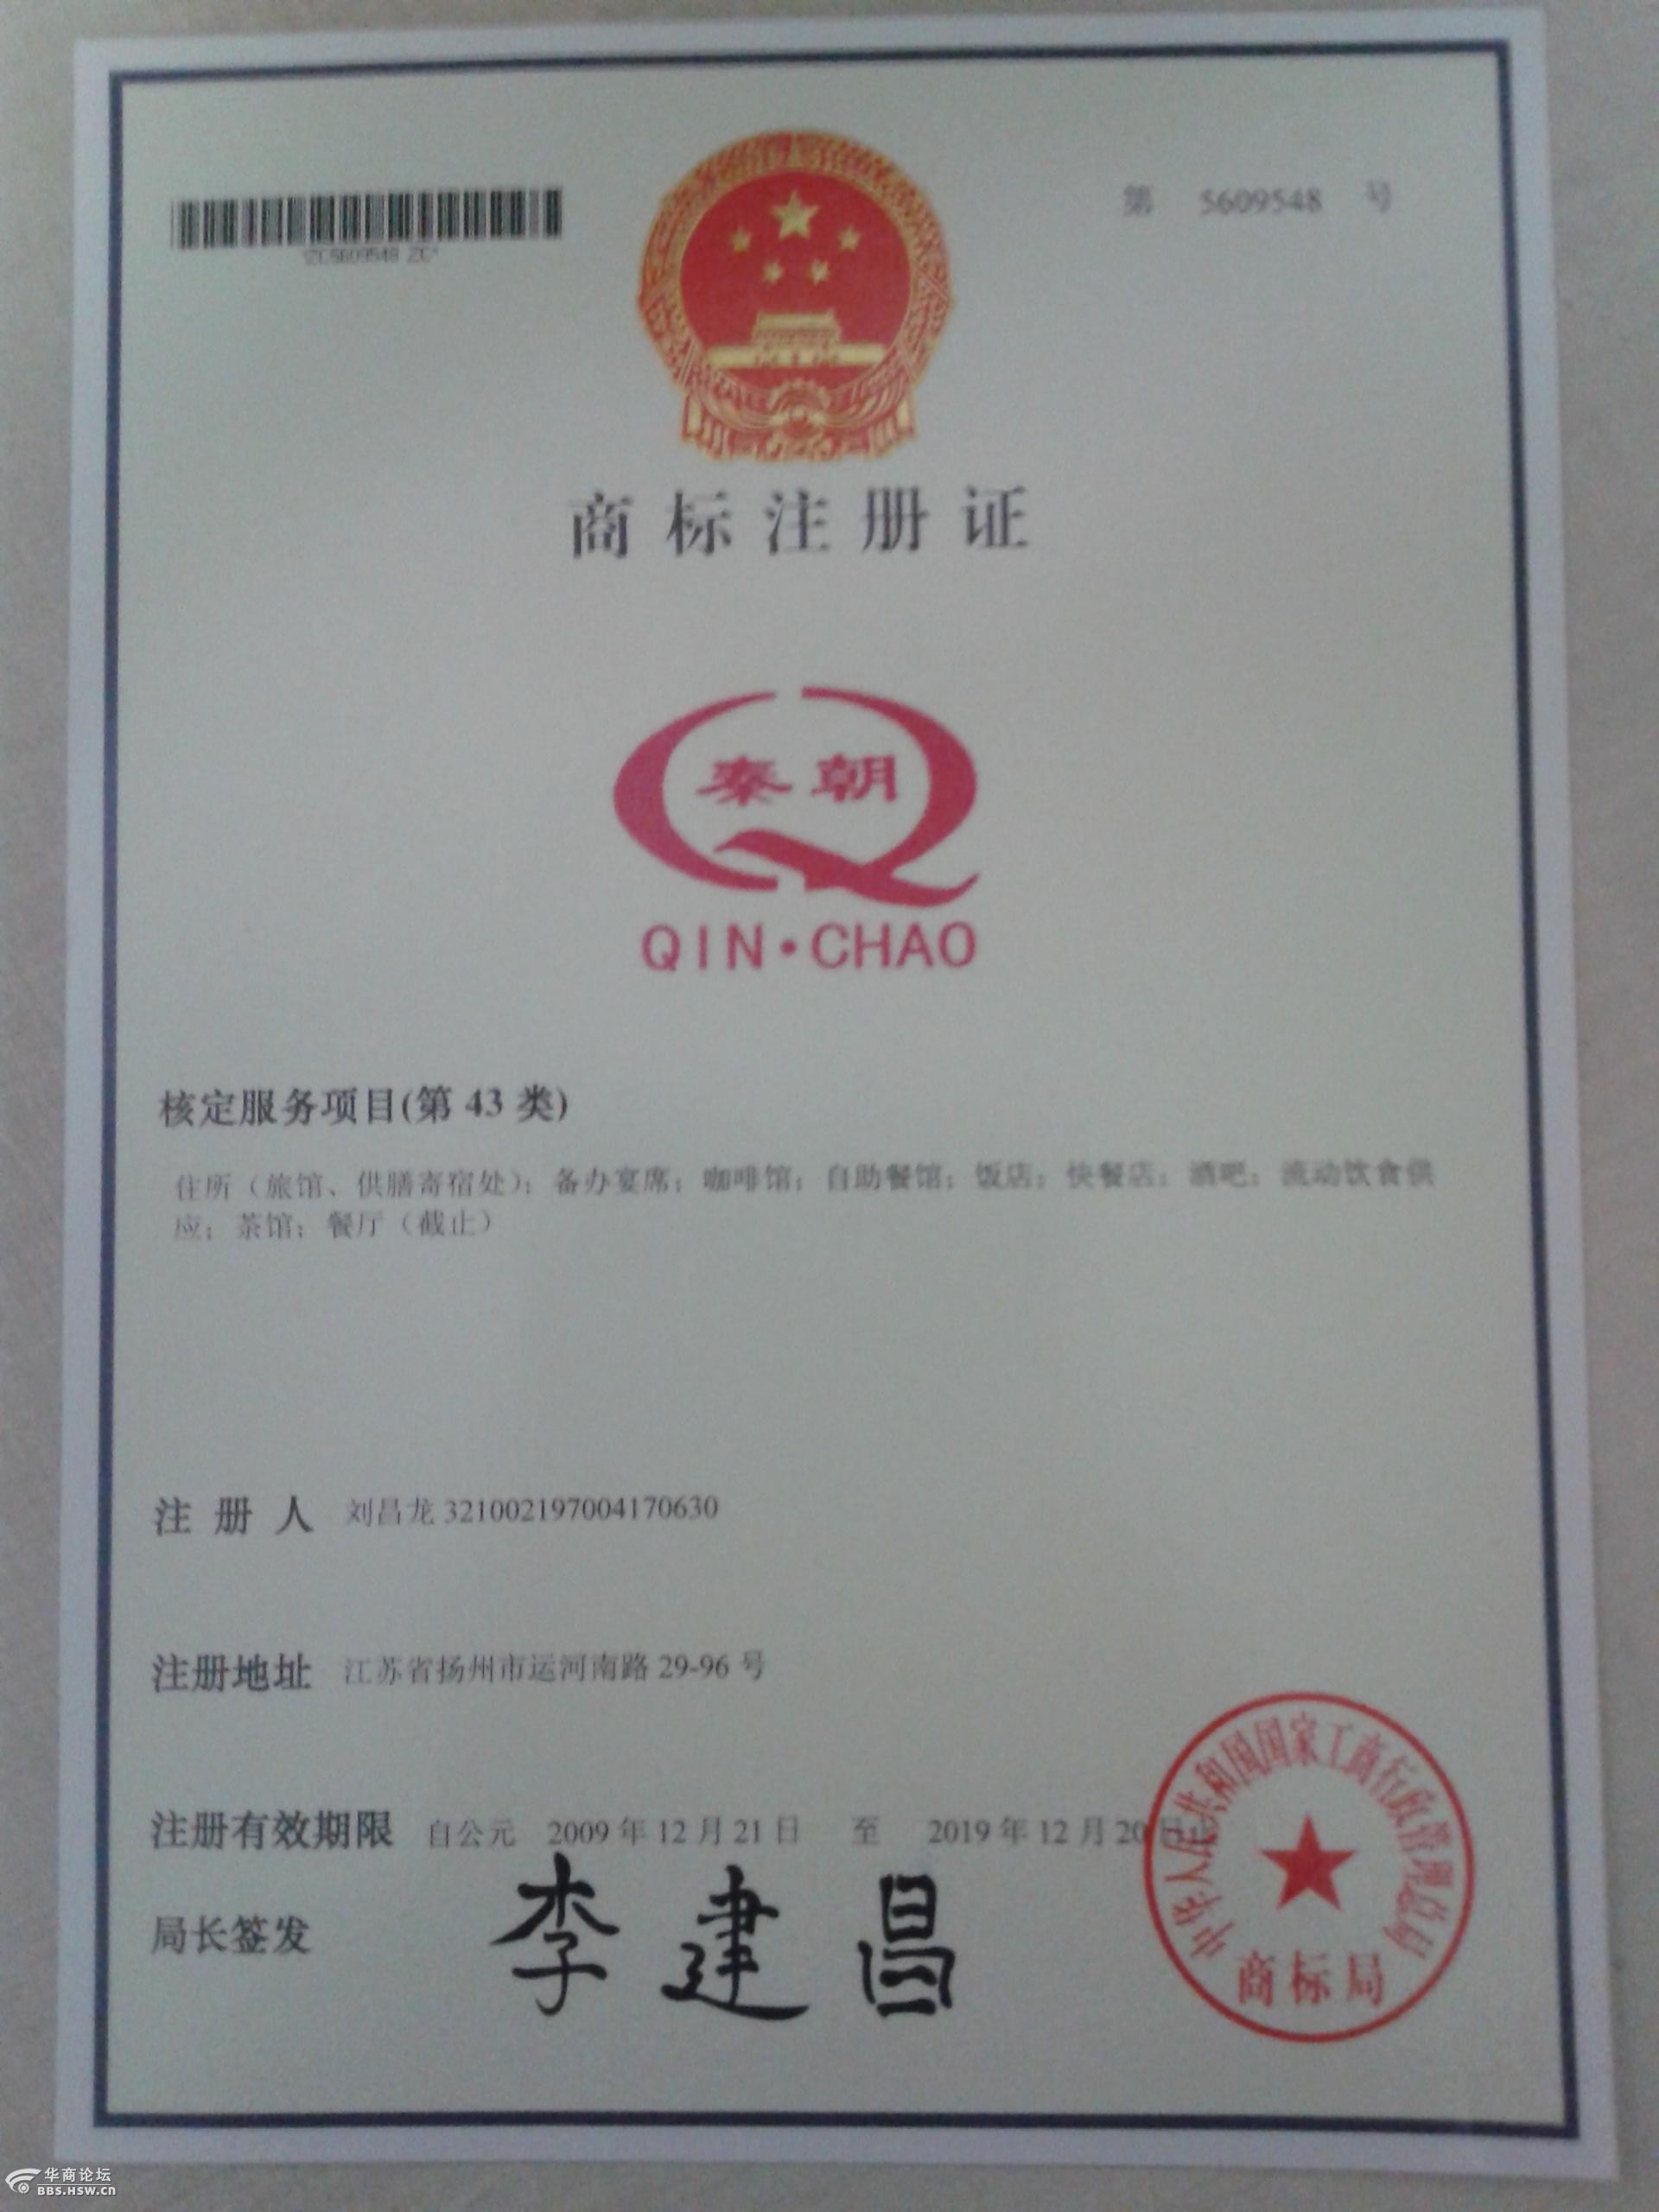 上海私人侦探公司查址_上海专业查人公司_上海公司的积分怎么查